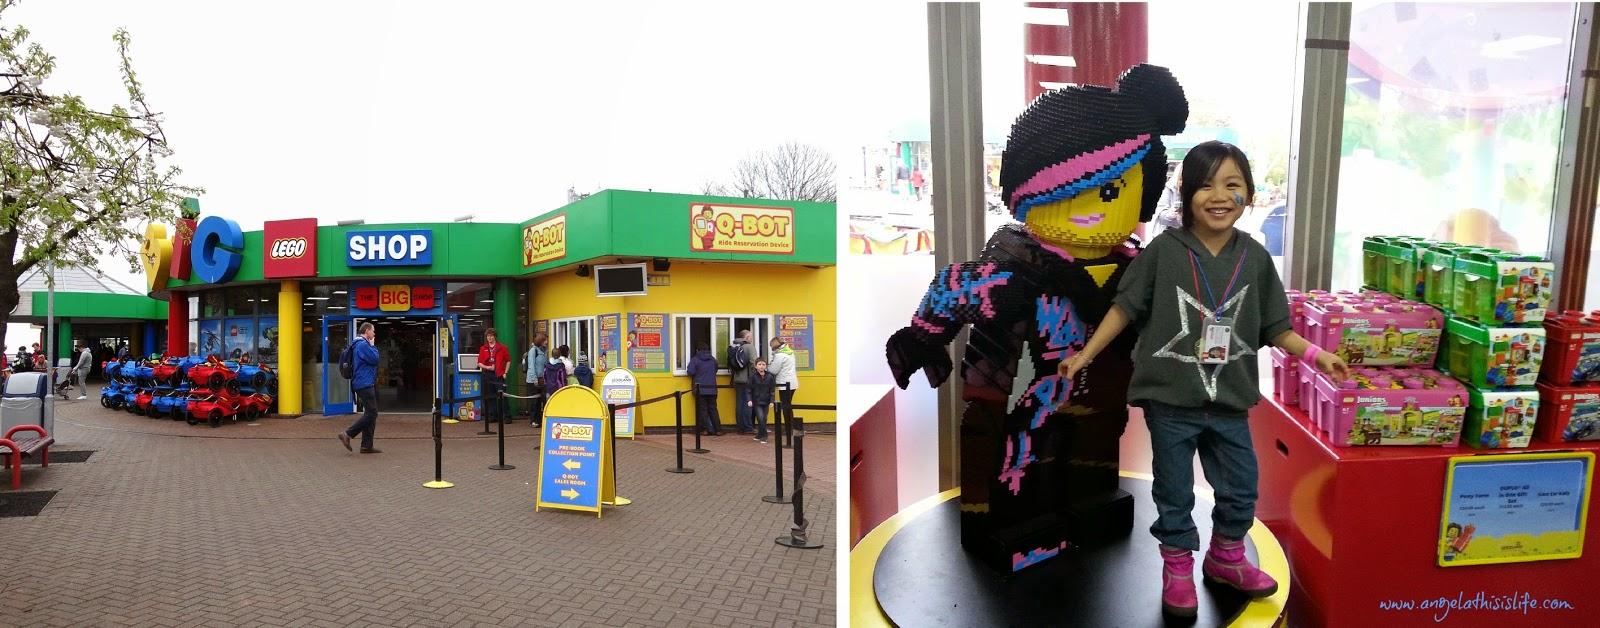 Legoland Windsor 2014, Legoland Windsor Easter, Legoland Windsor Shop